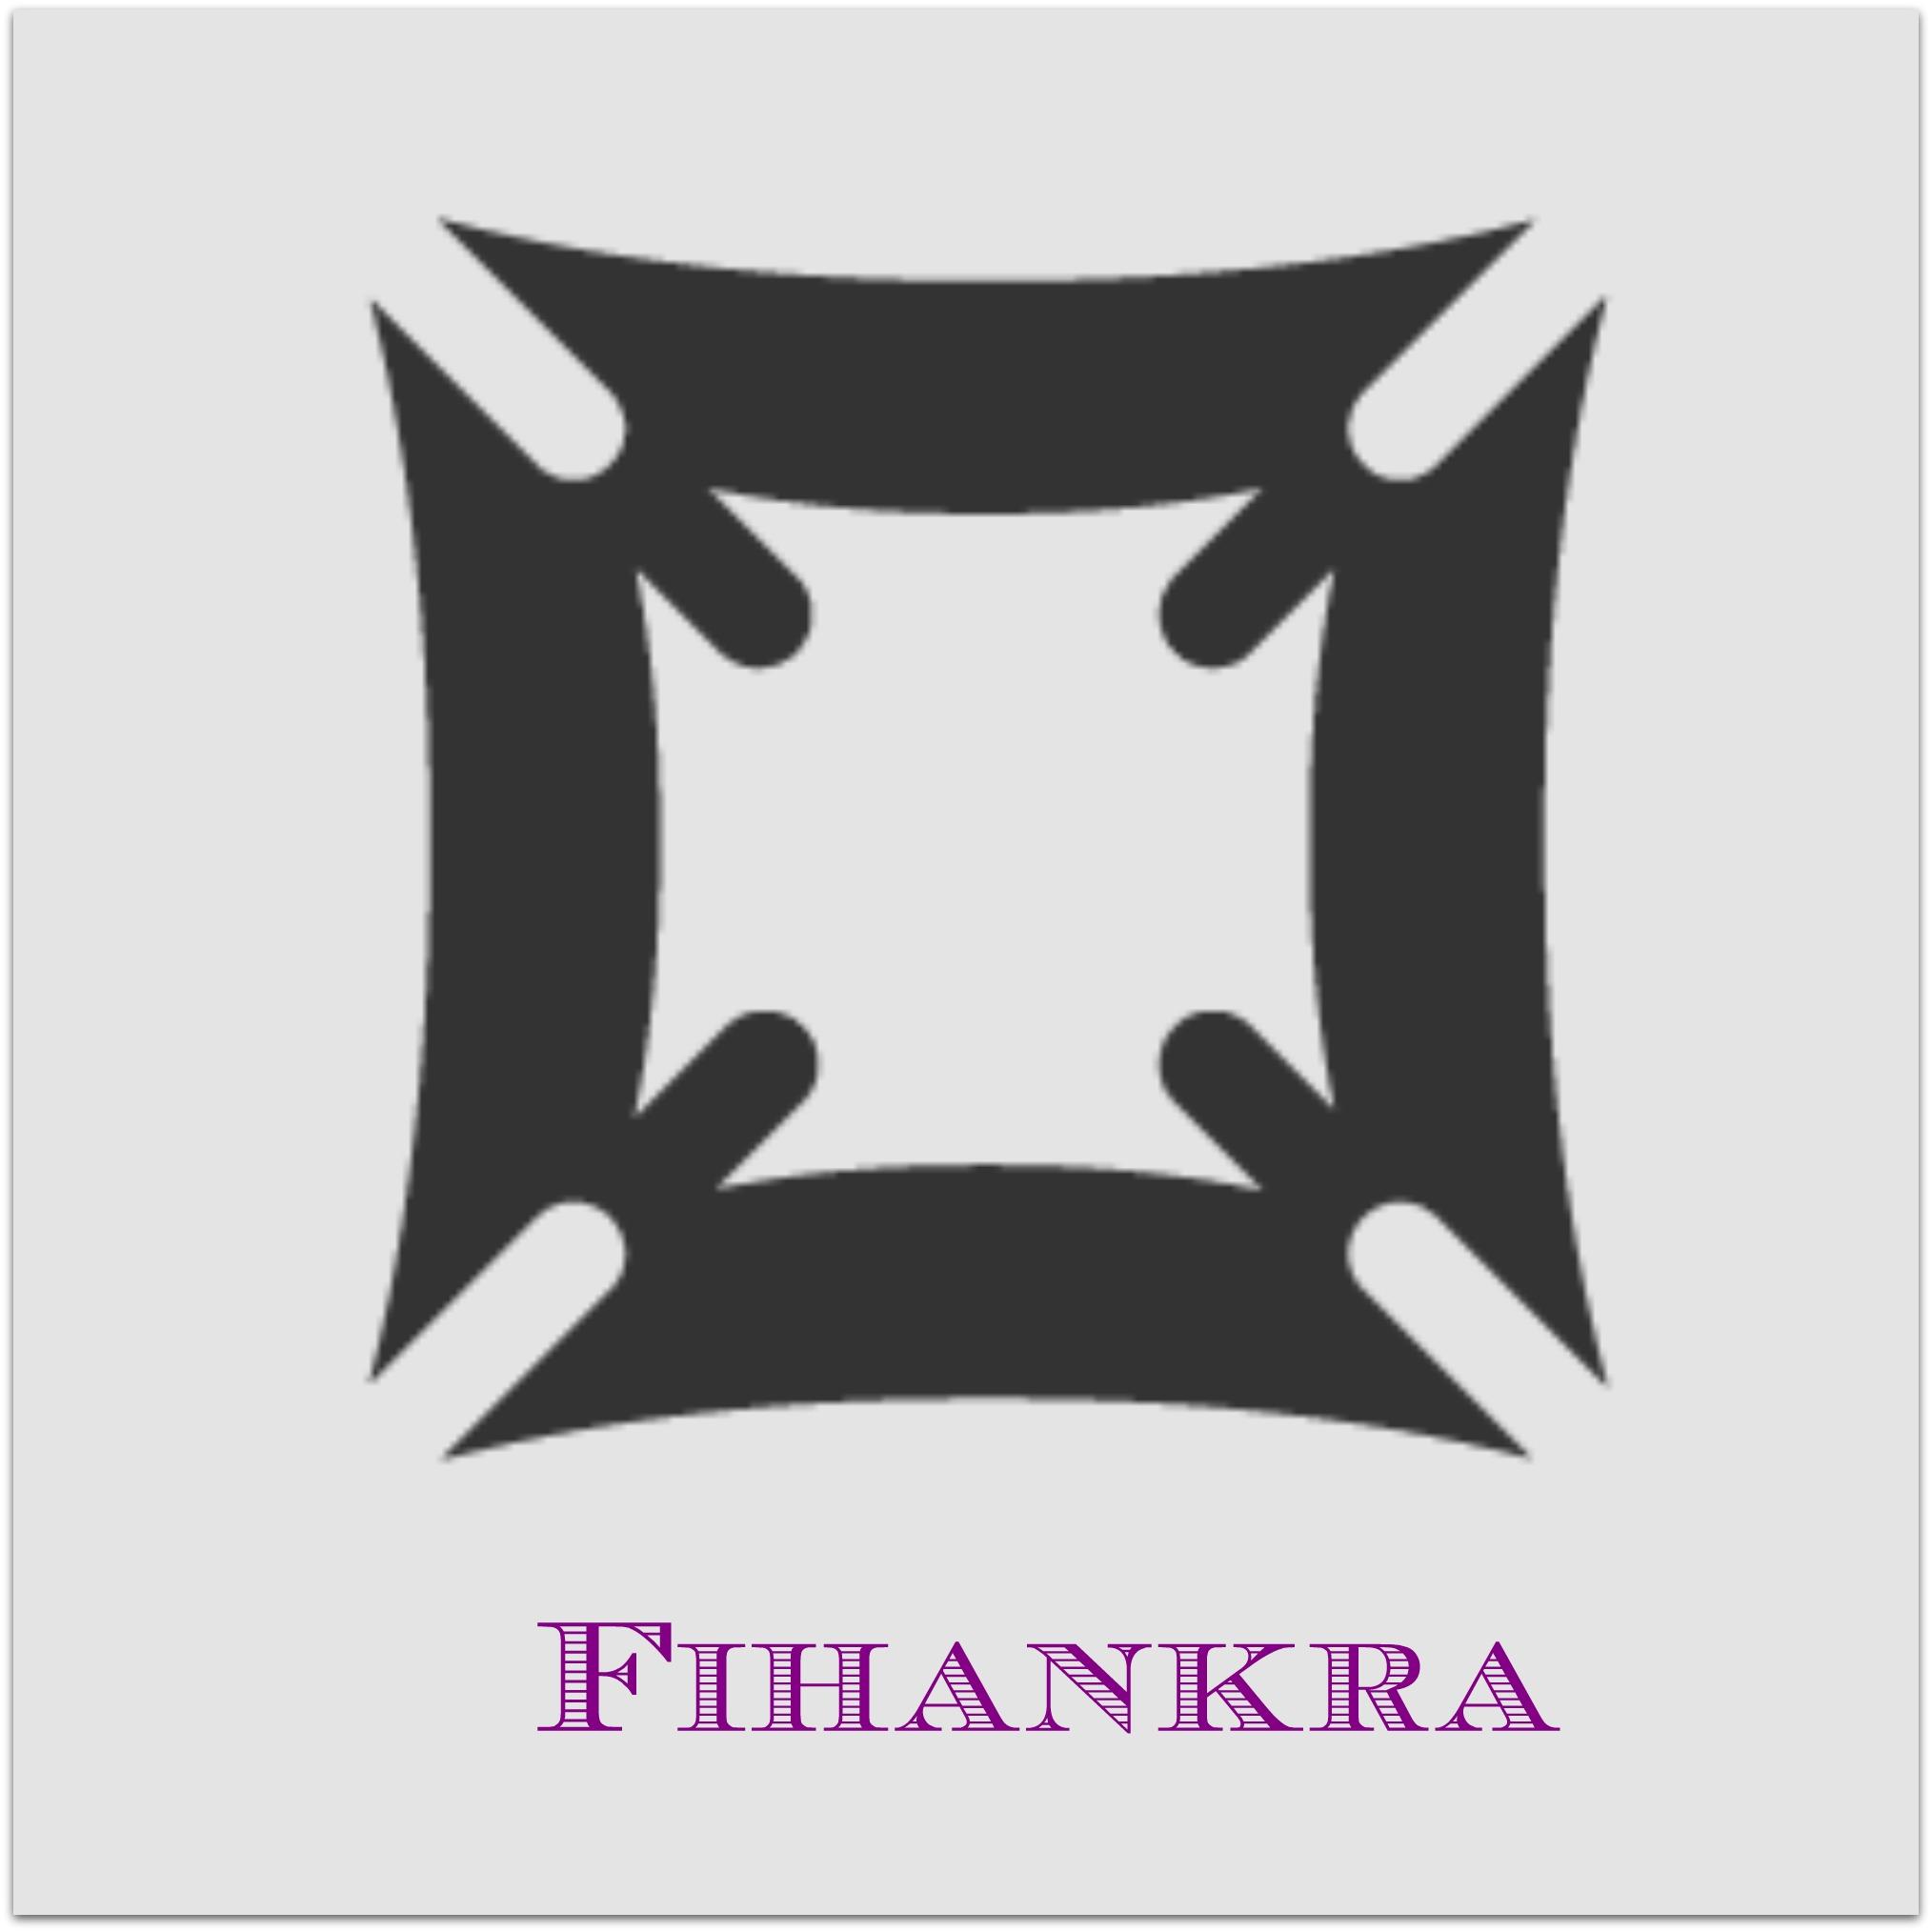 7   Fihankra